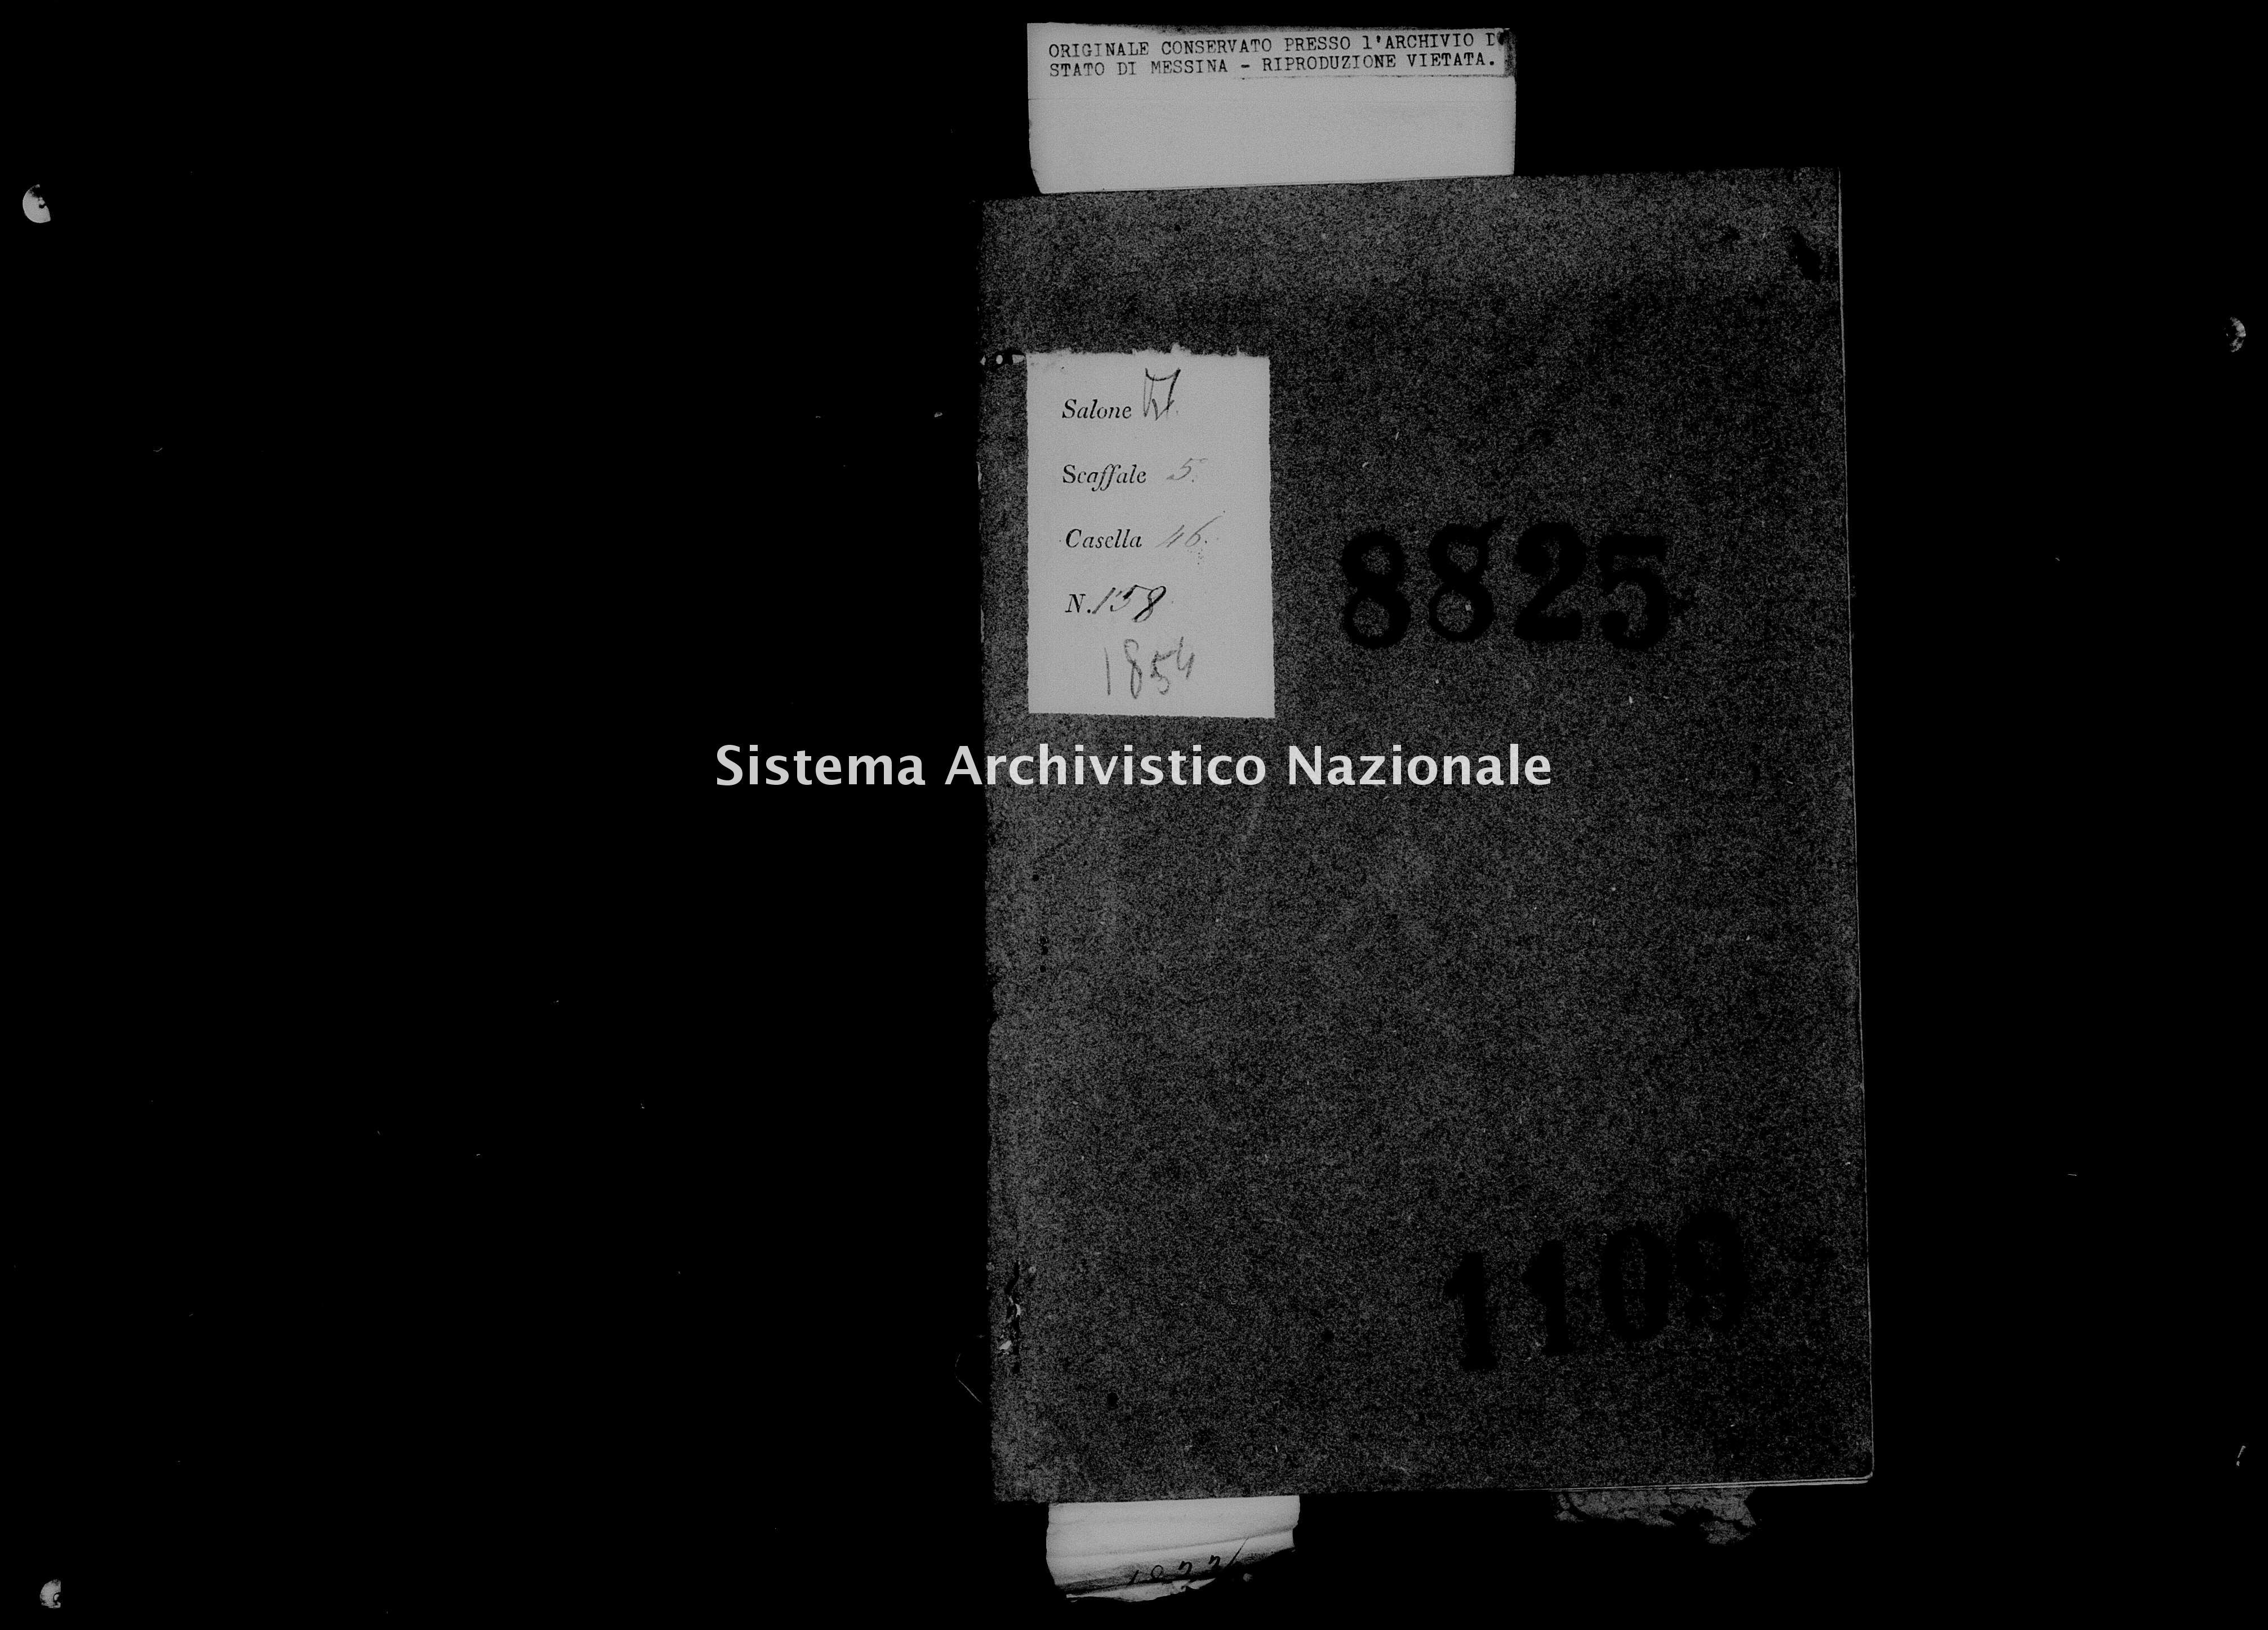 Archivio di stato di Messina - Stato civile della restaurazione - Roccalumera - Morti - 01/01/1854-14/09/1854 - 1109 -